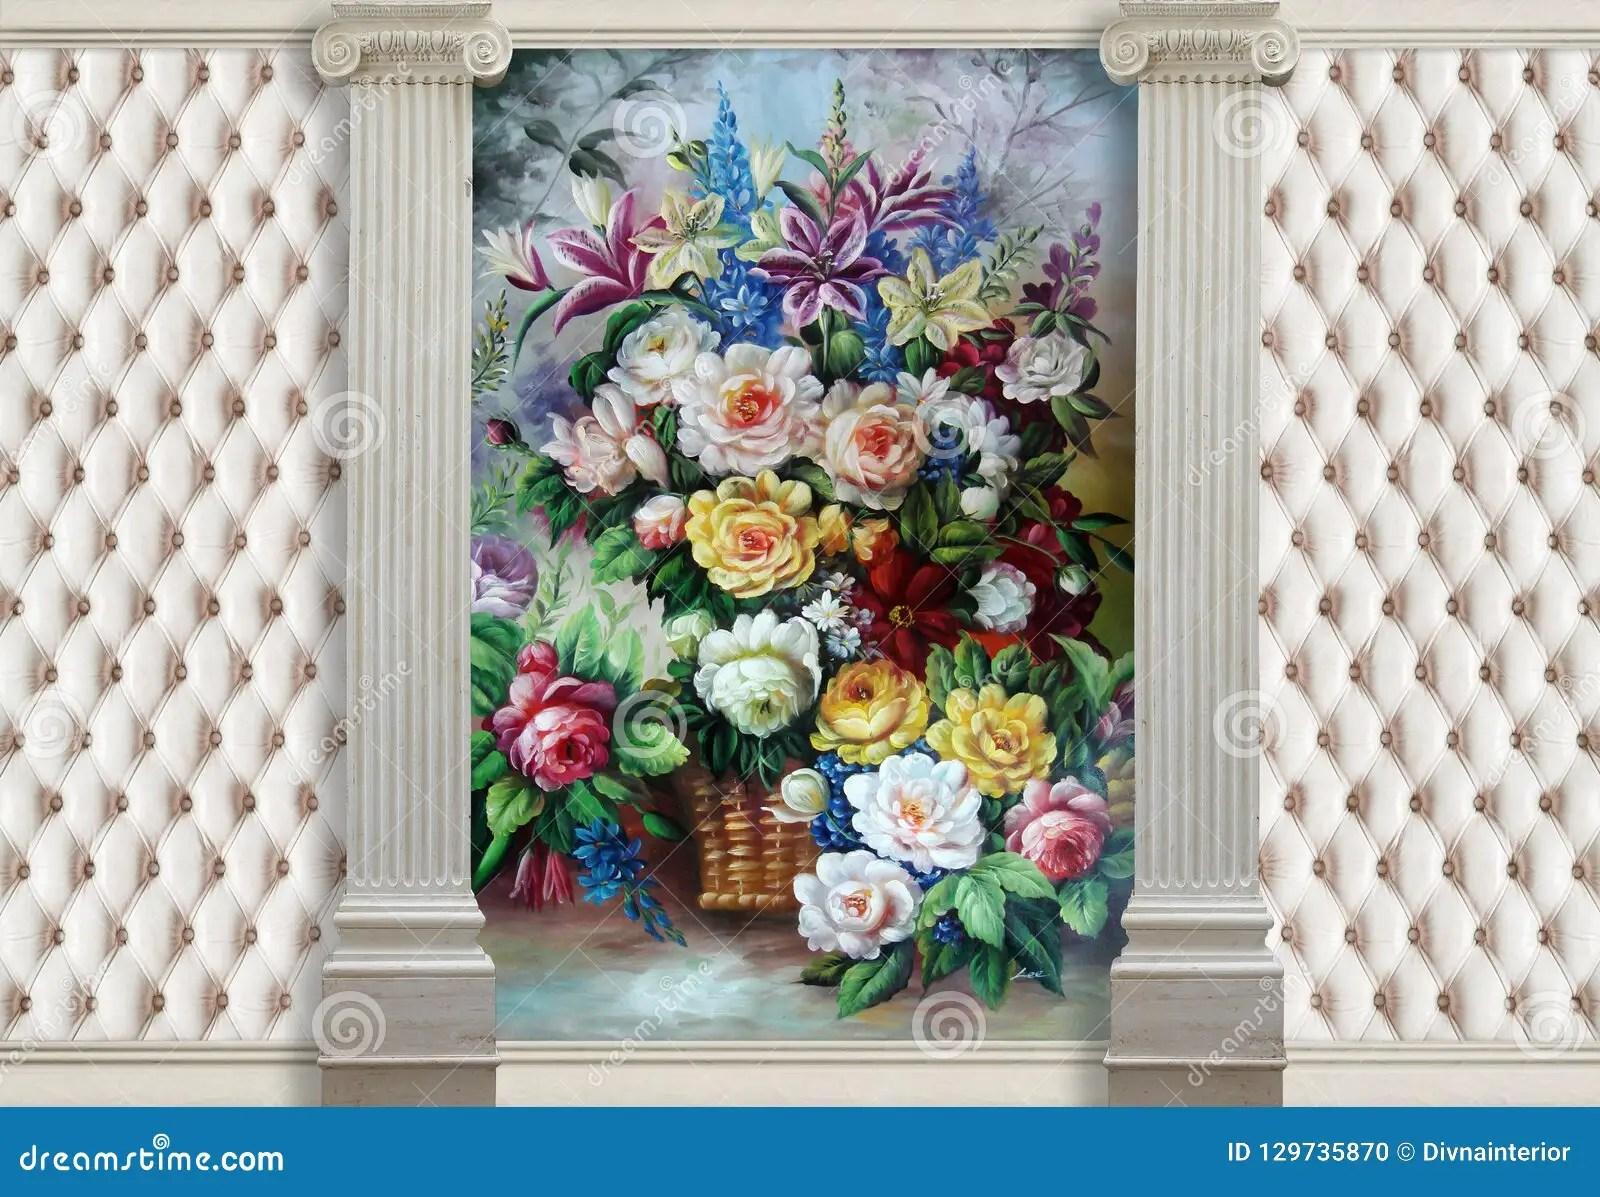 Die 78 Besten Bilder Zu Malerei Acryl Blumen In 2020